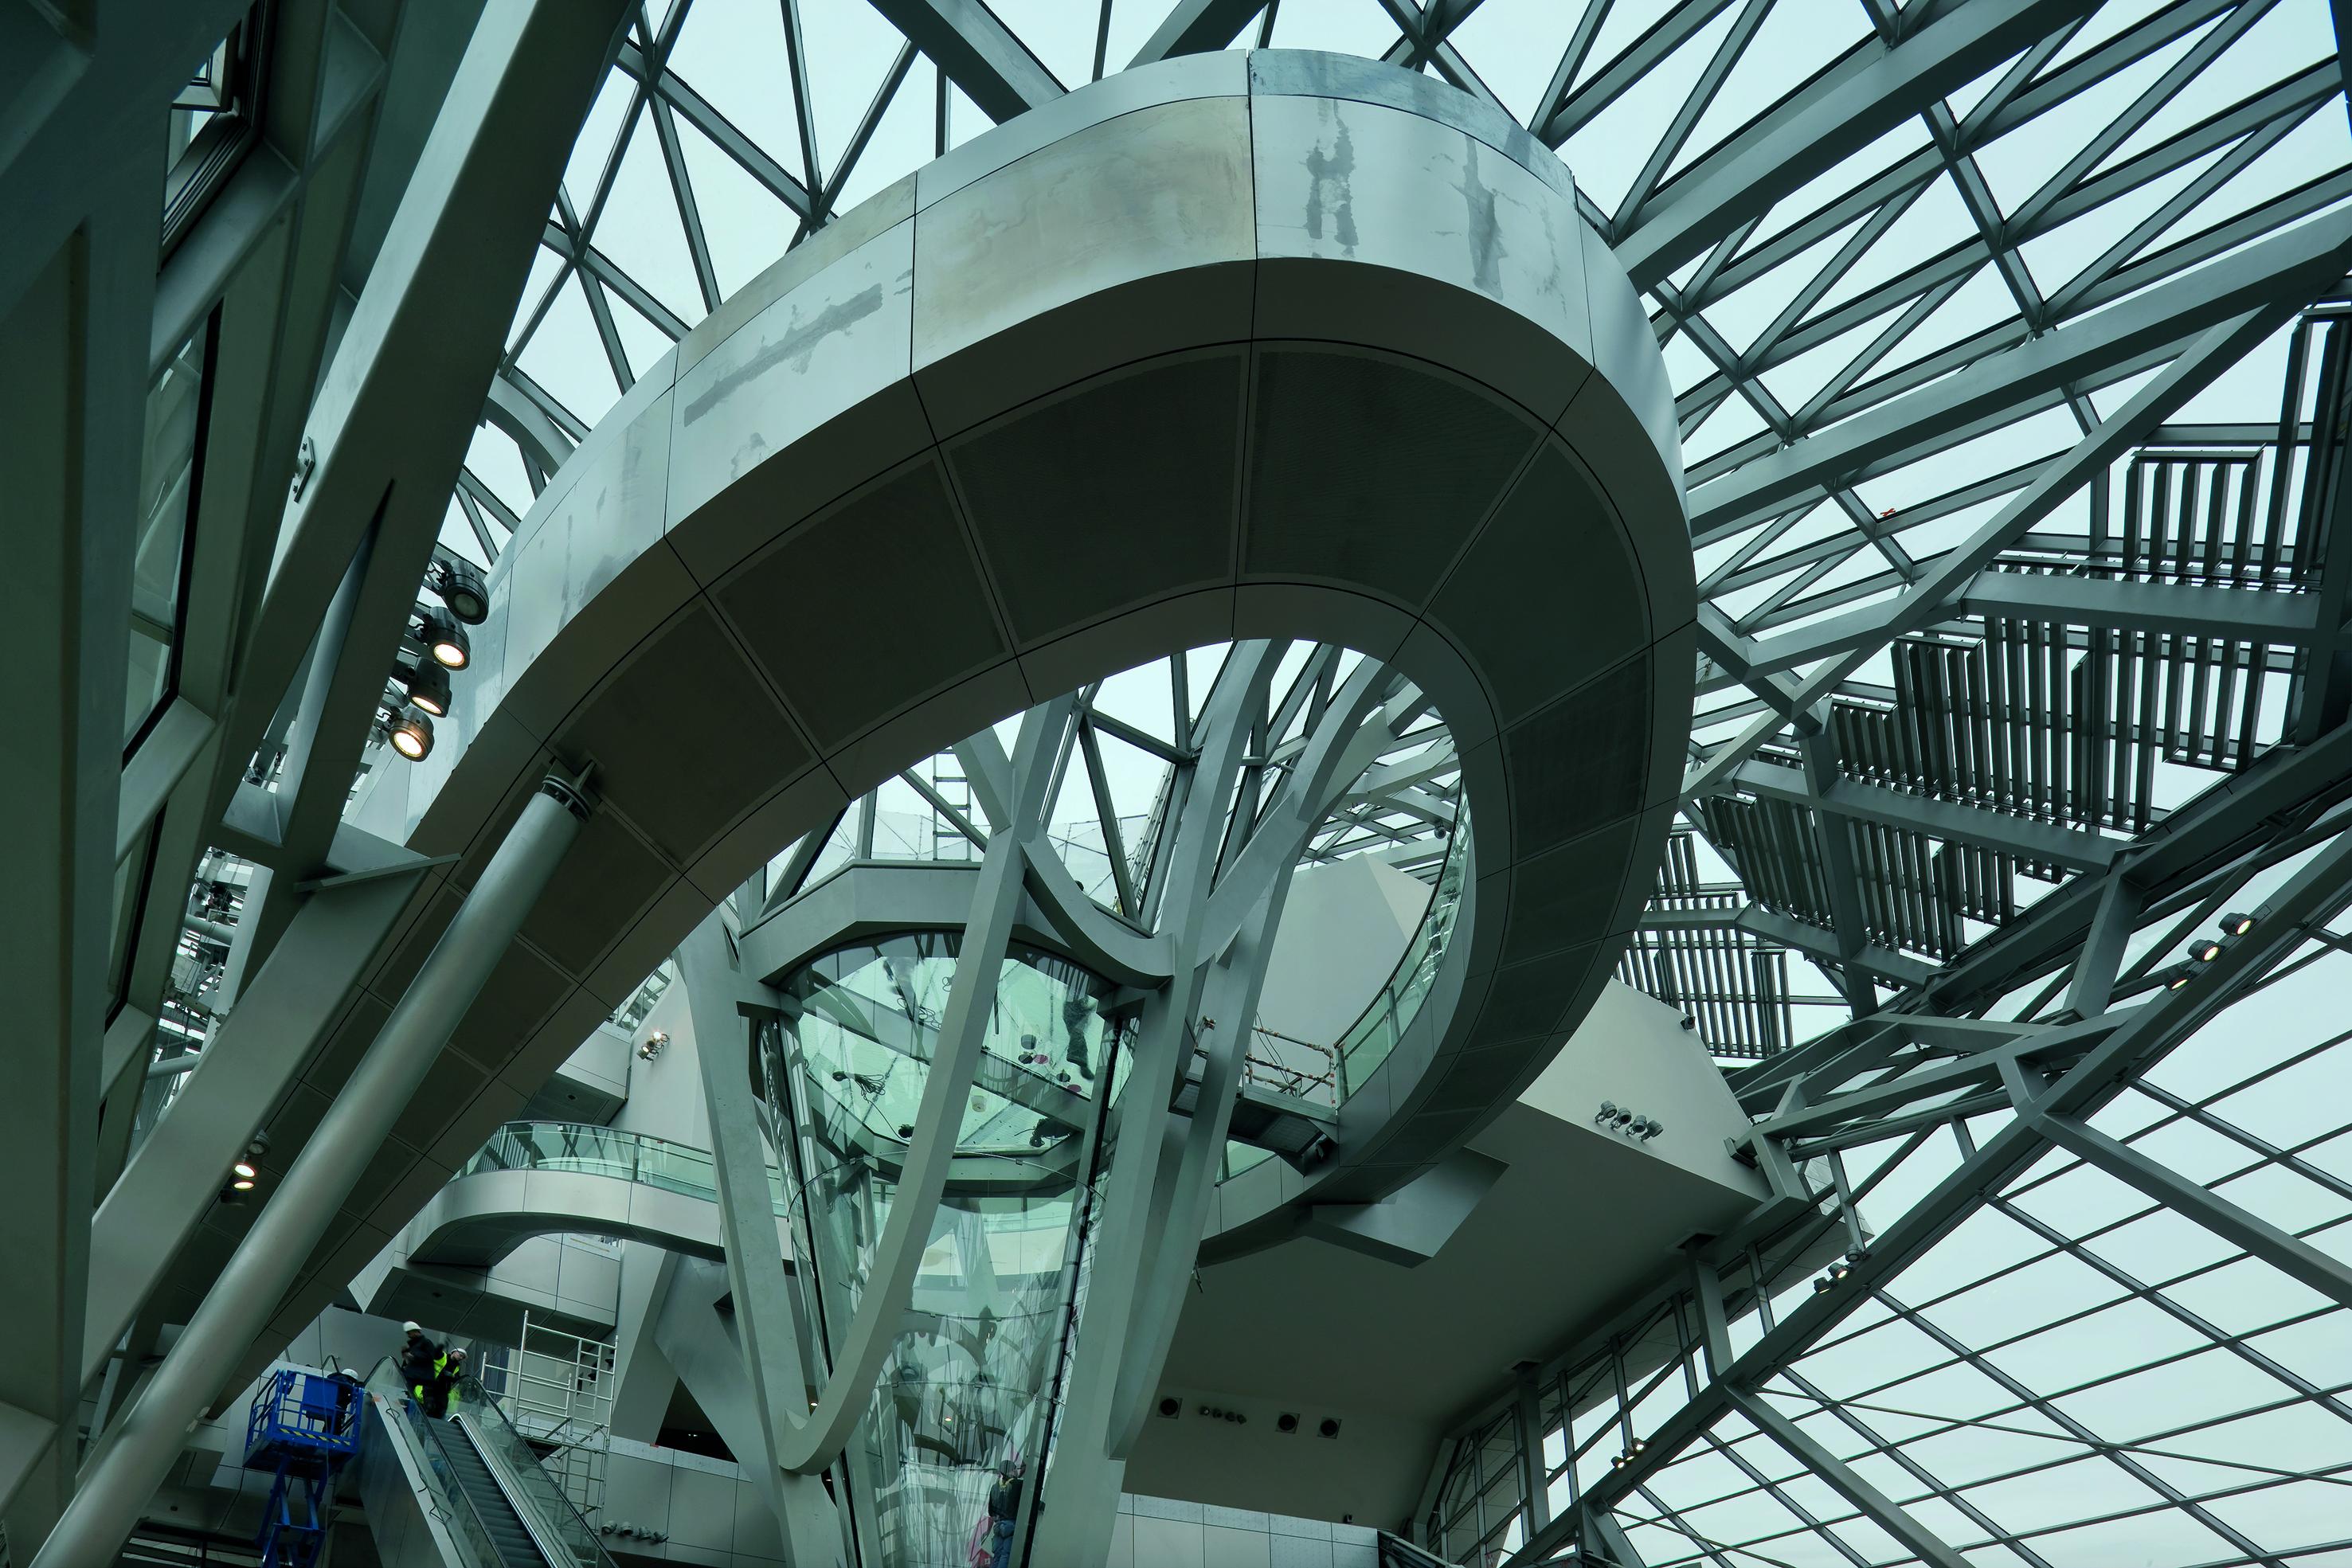 〔안정원의 디자인 칼럼〕 지식의 전달을 위한 매개 공간, 리옹 콩플루앙스 박물관 2